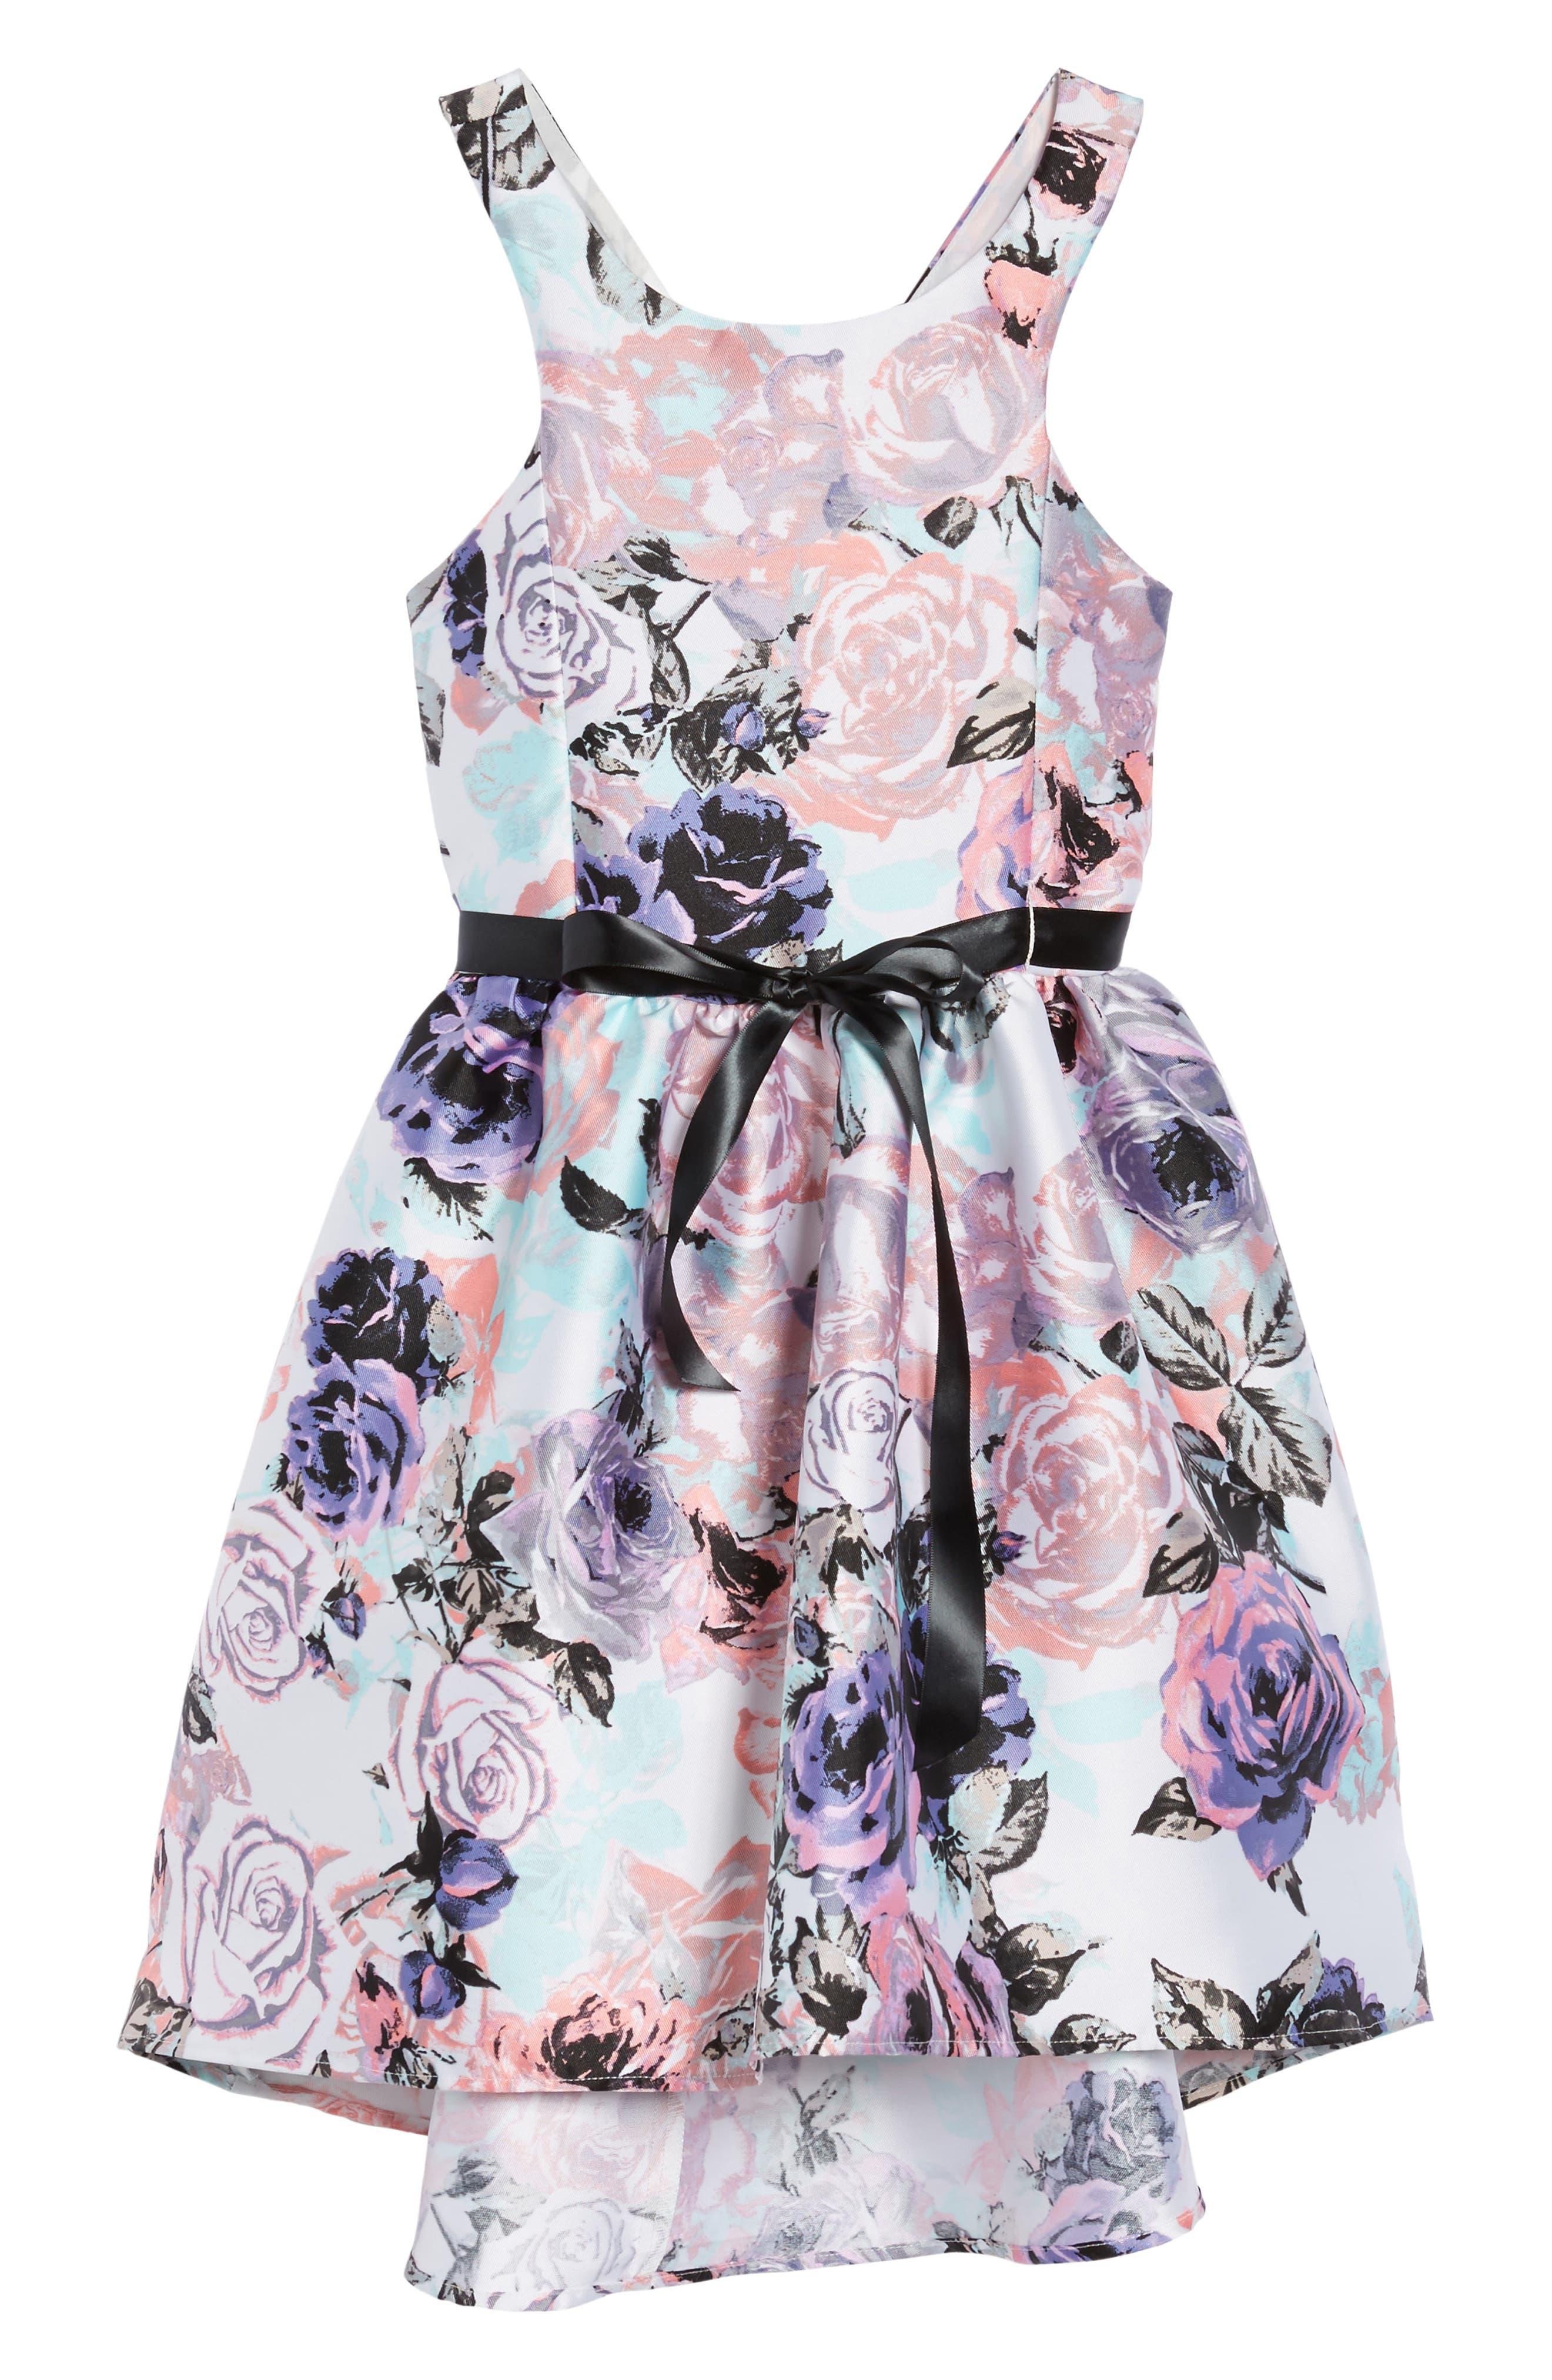 Floral Print Party Dress,                         Main,                         color, Lilac/ Blush